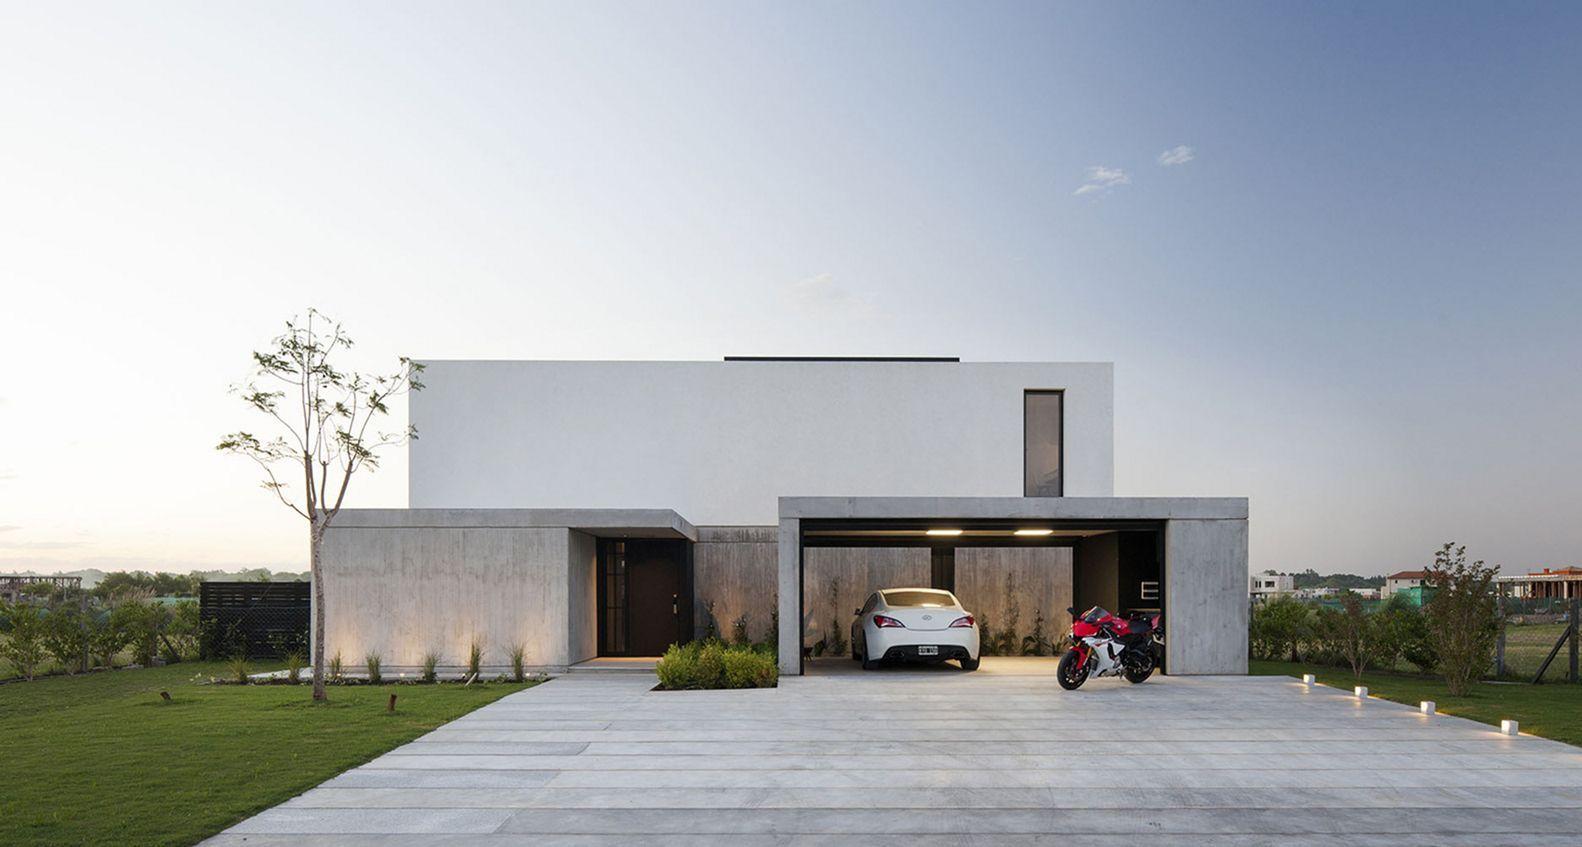 15 Car Garage Design Ideas Besides Minimalist Home Minimalist